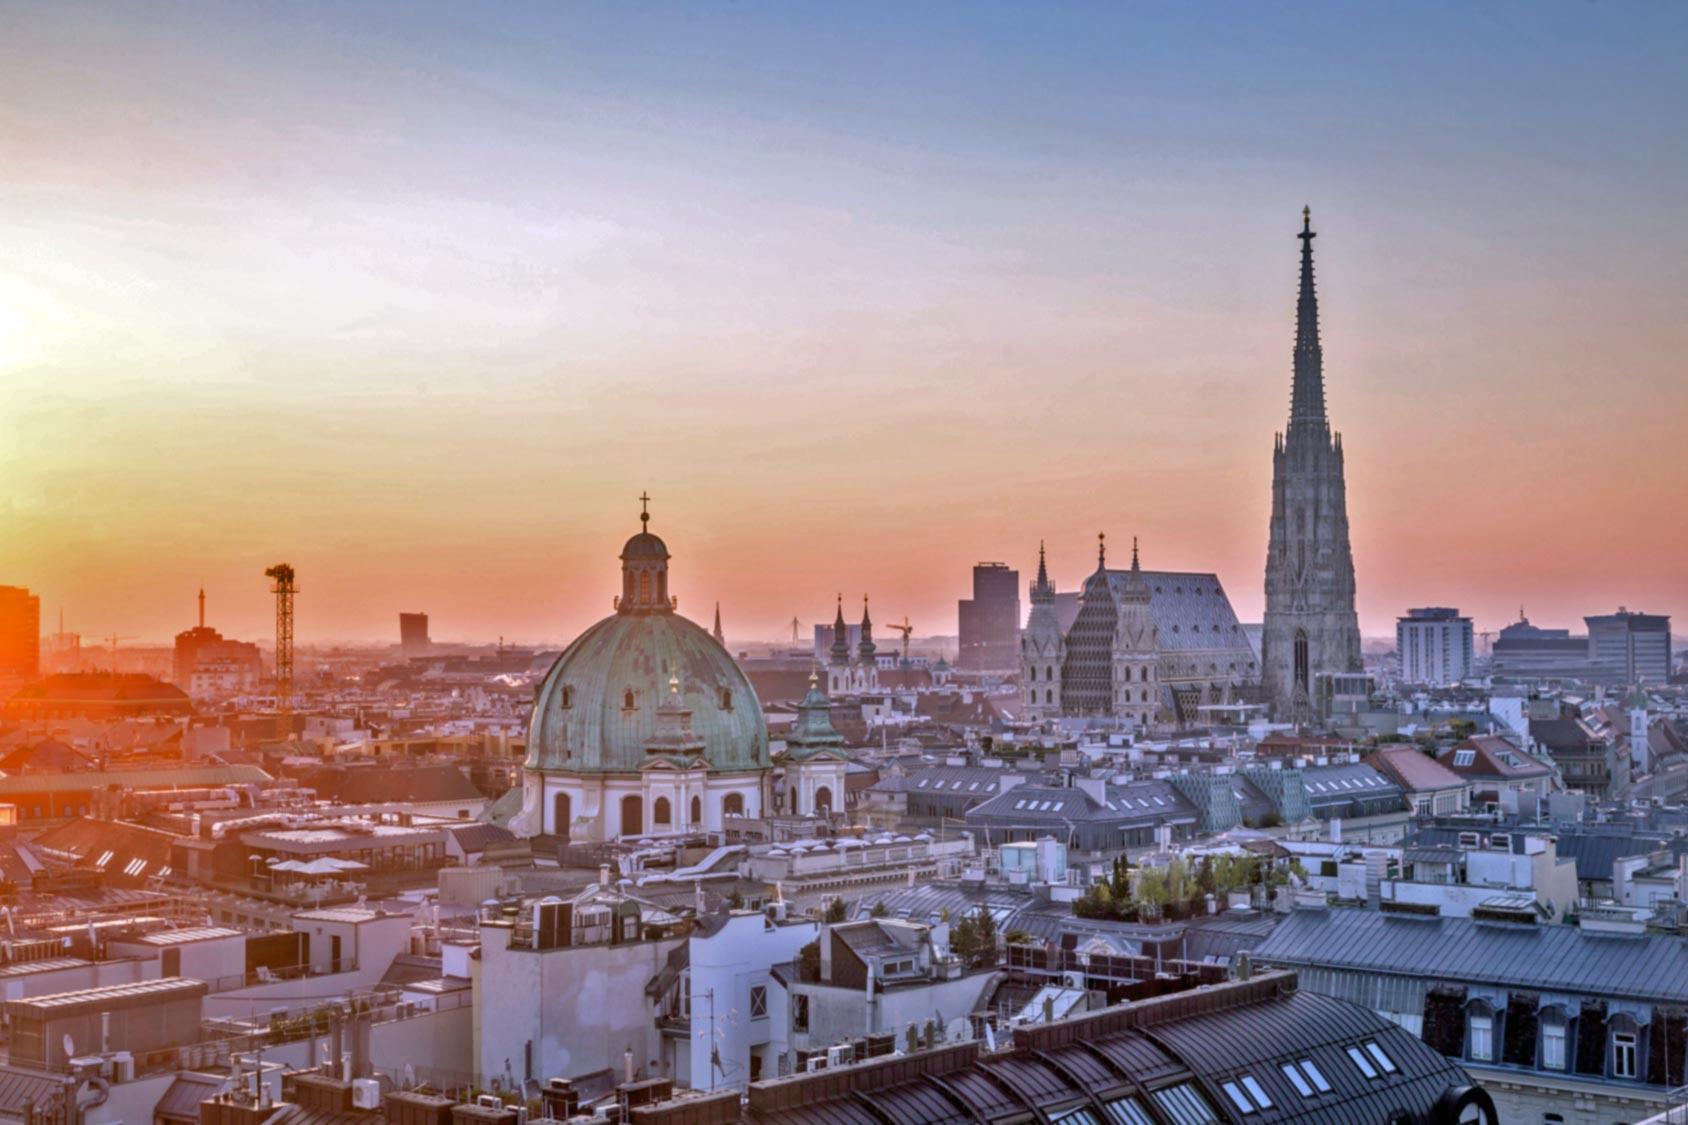 Blick auf die Dächer von Wien bei Sonnenuntergang